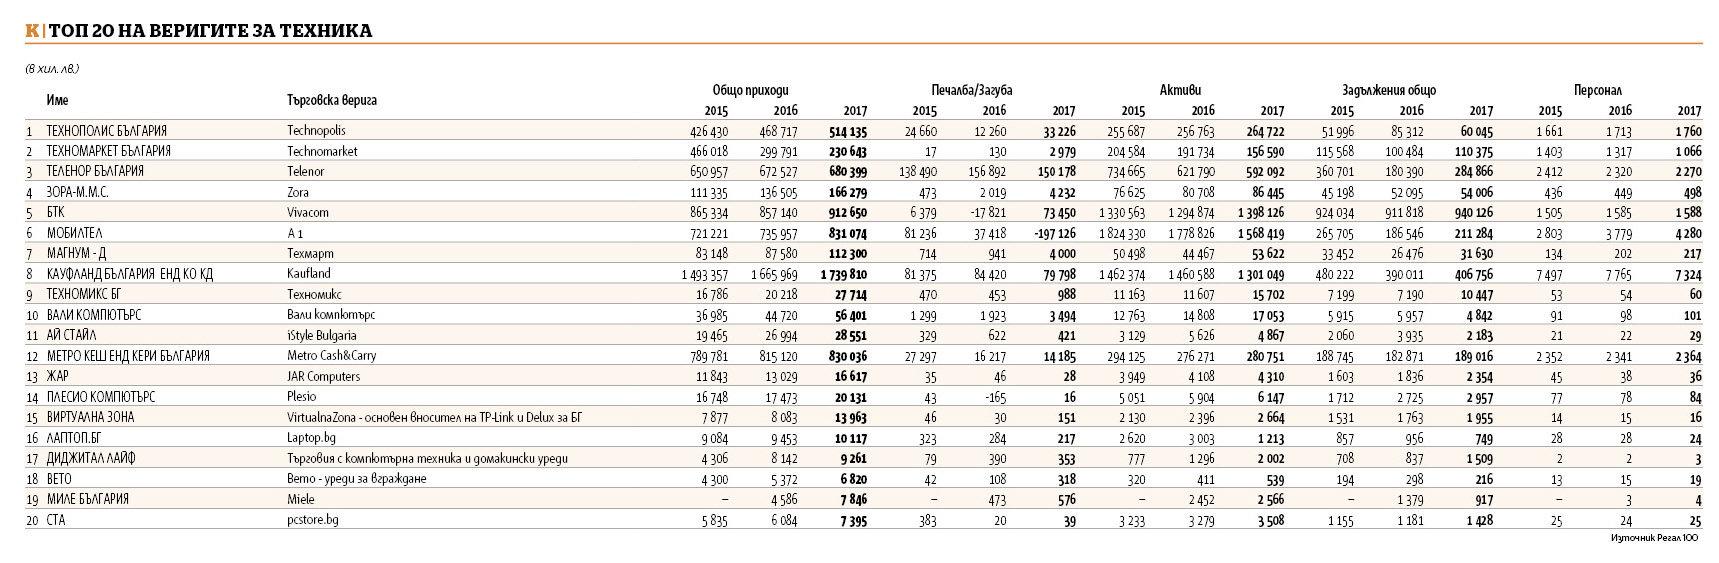 50bfbbcd91d Продажбите на топ 20 търговци на техника надскочиха 1.5 млрд. лв ...